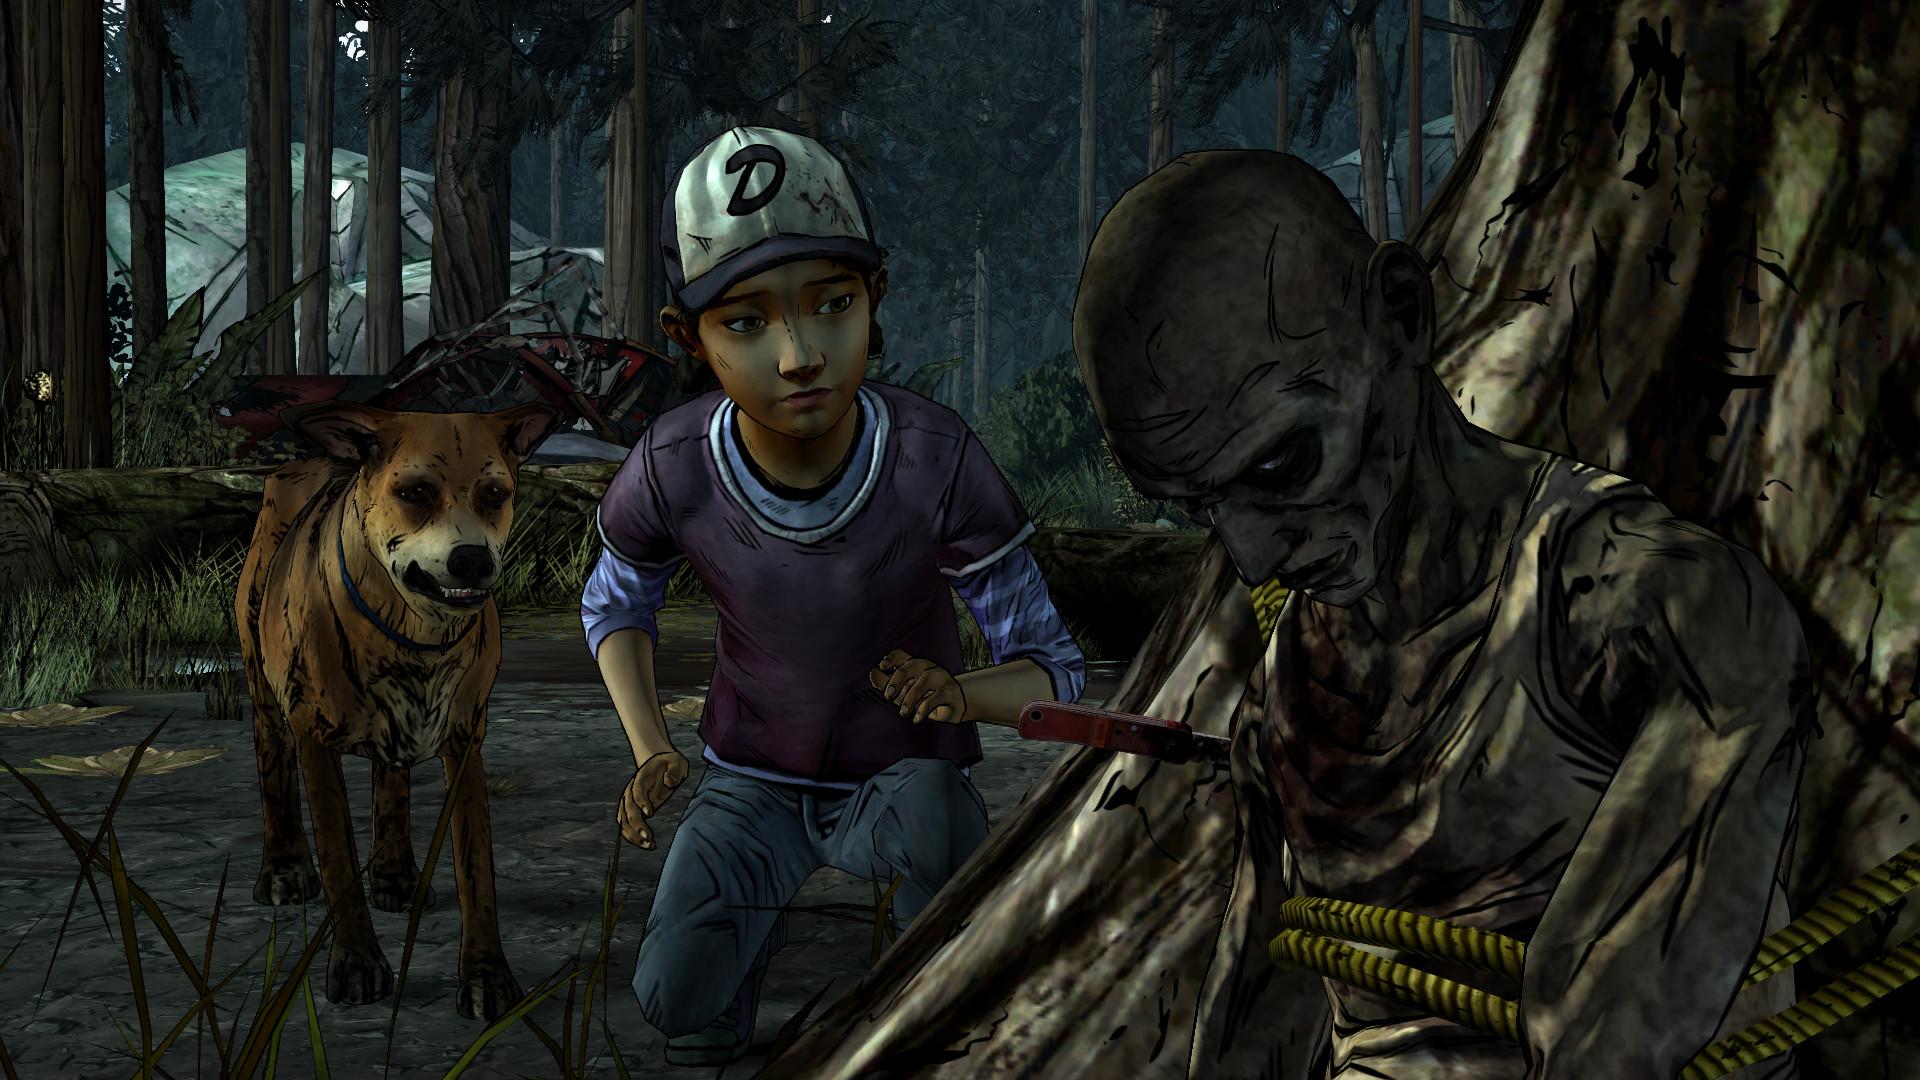 Video Game – The Walking Dead: Season 2 Wallpaper